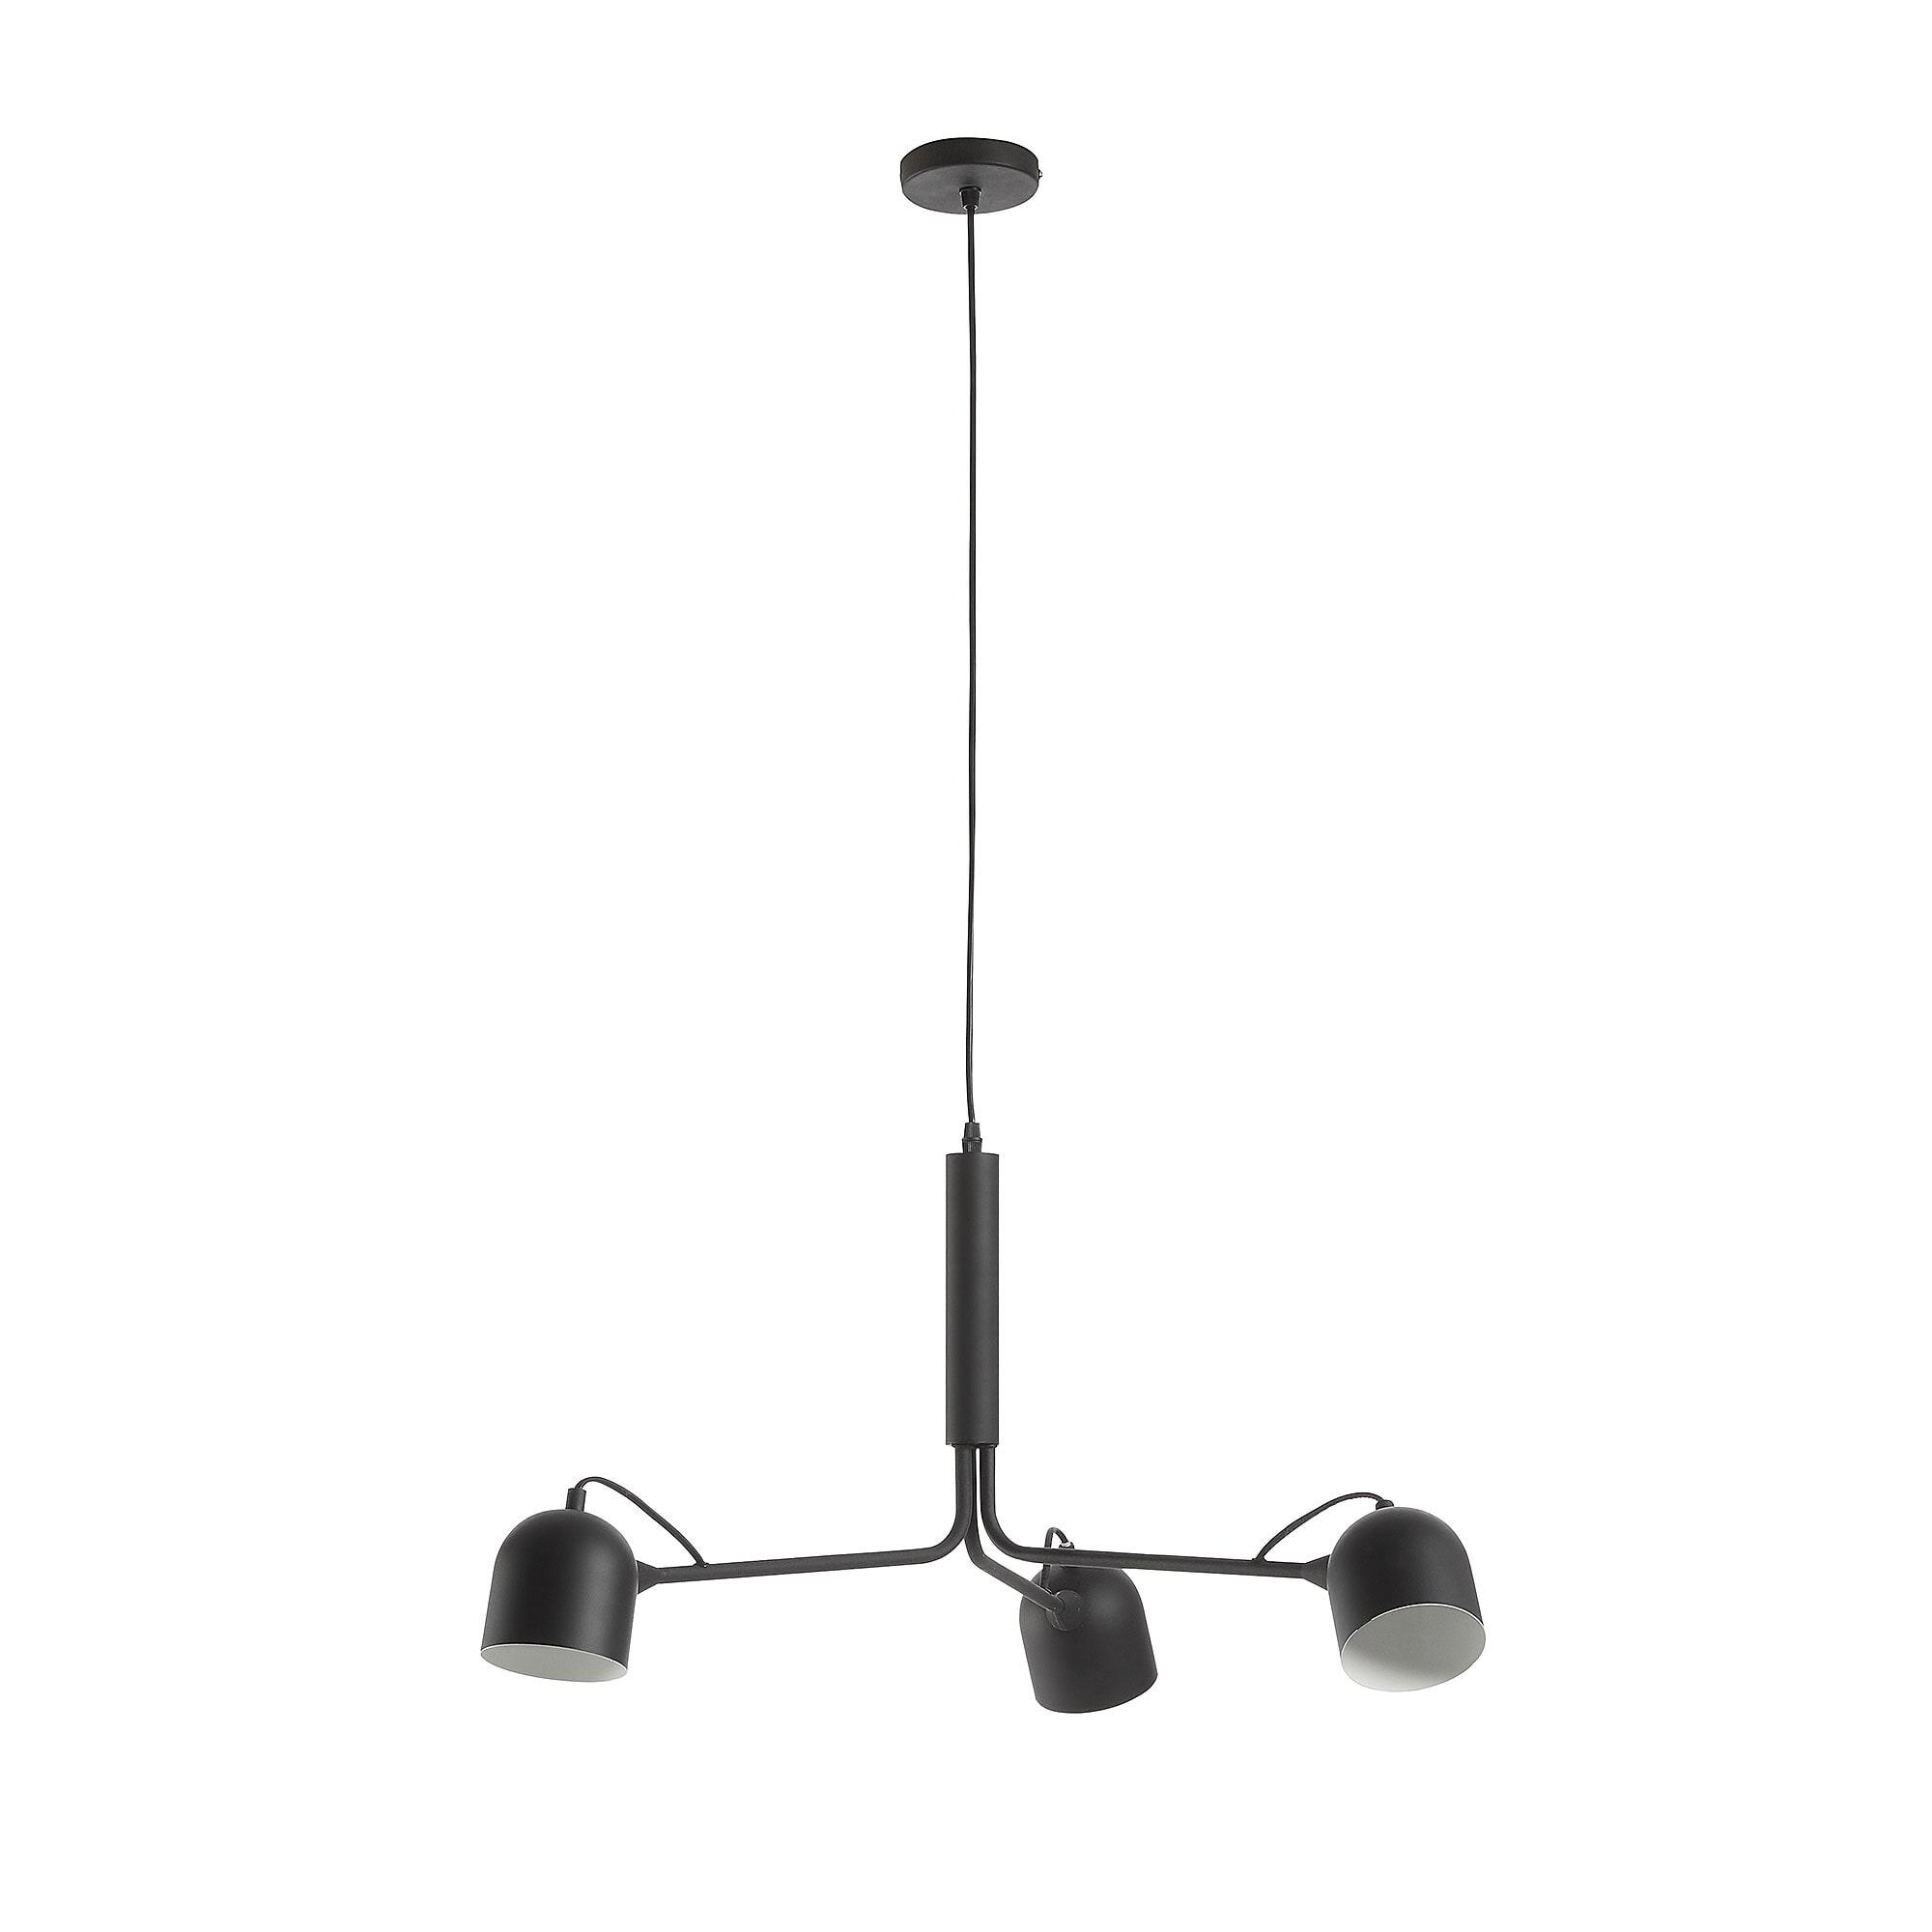 Kave Home Hanglamp 'Lucilla', kleur Zwart Verlichting   Hanglampen vergelijken doe je het voordeligst hier bij Meubelpartner